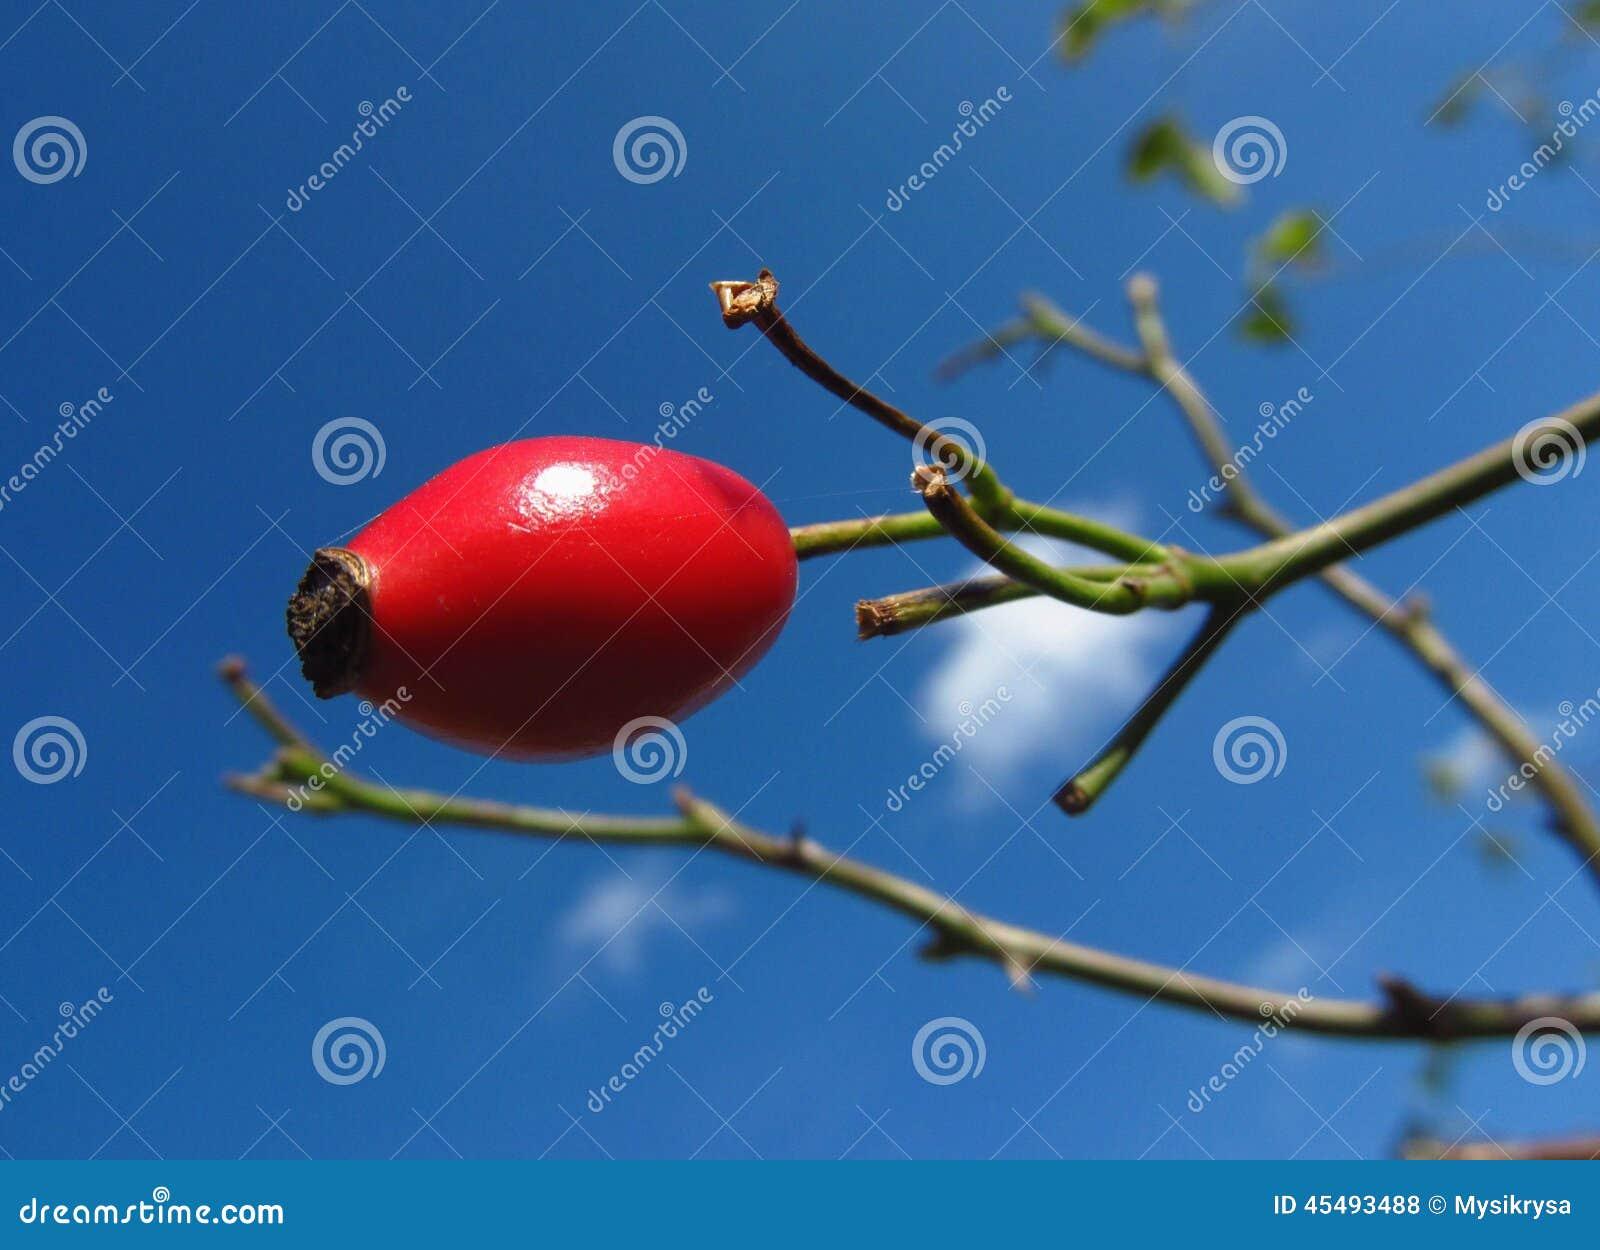 红色野玫瑰果和蓝天